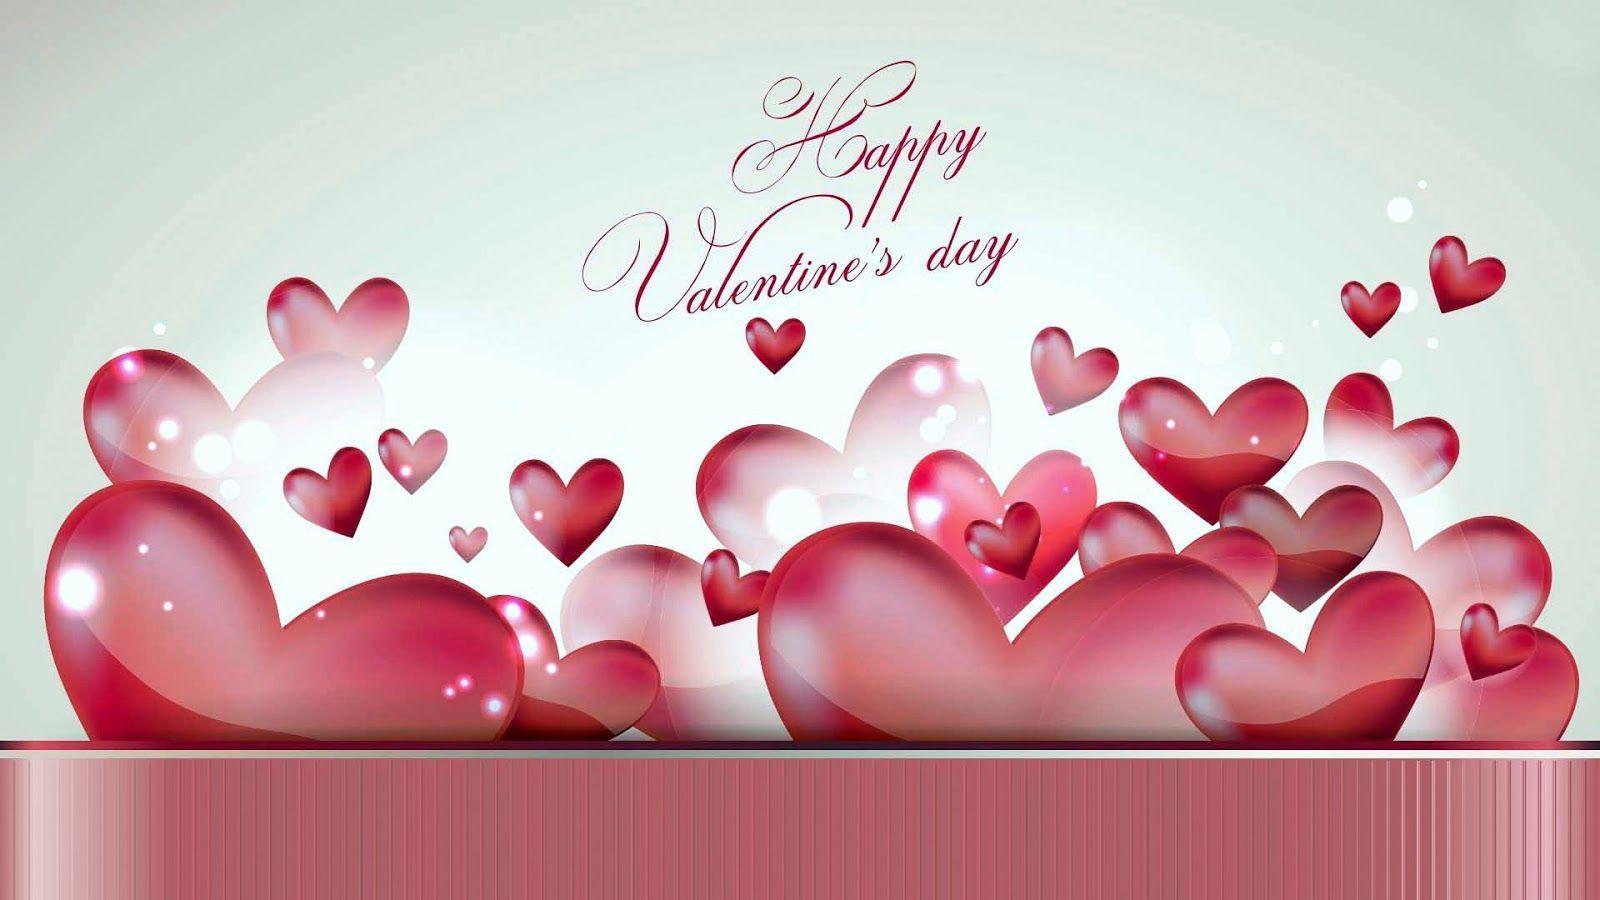 Картинке с валентин и валентина с поздравления